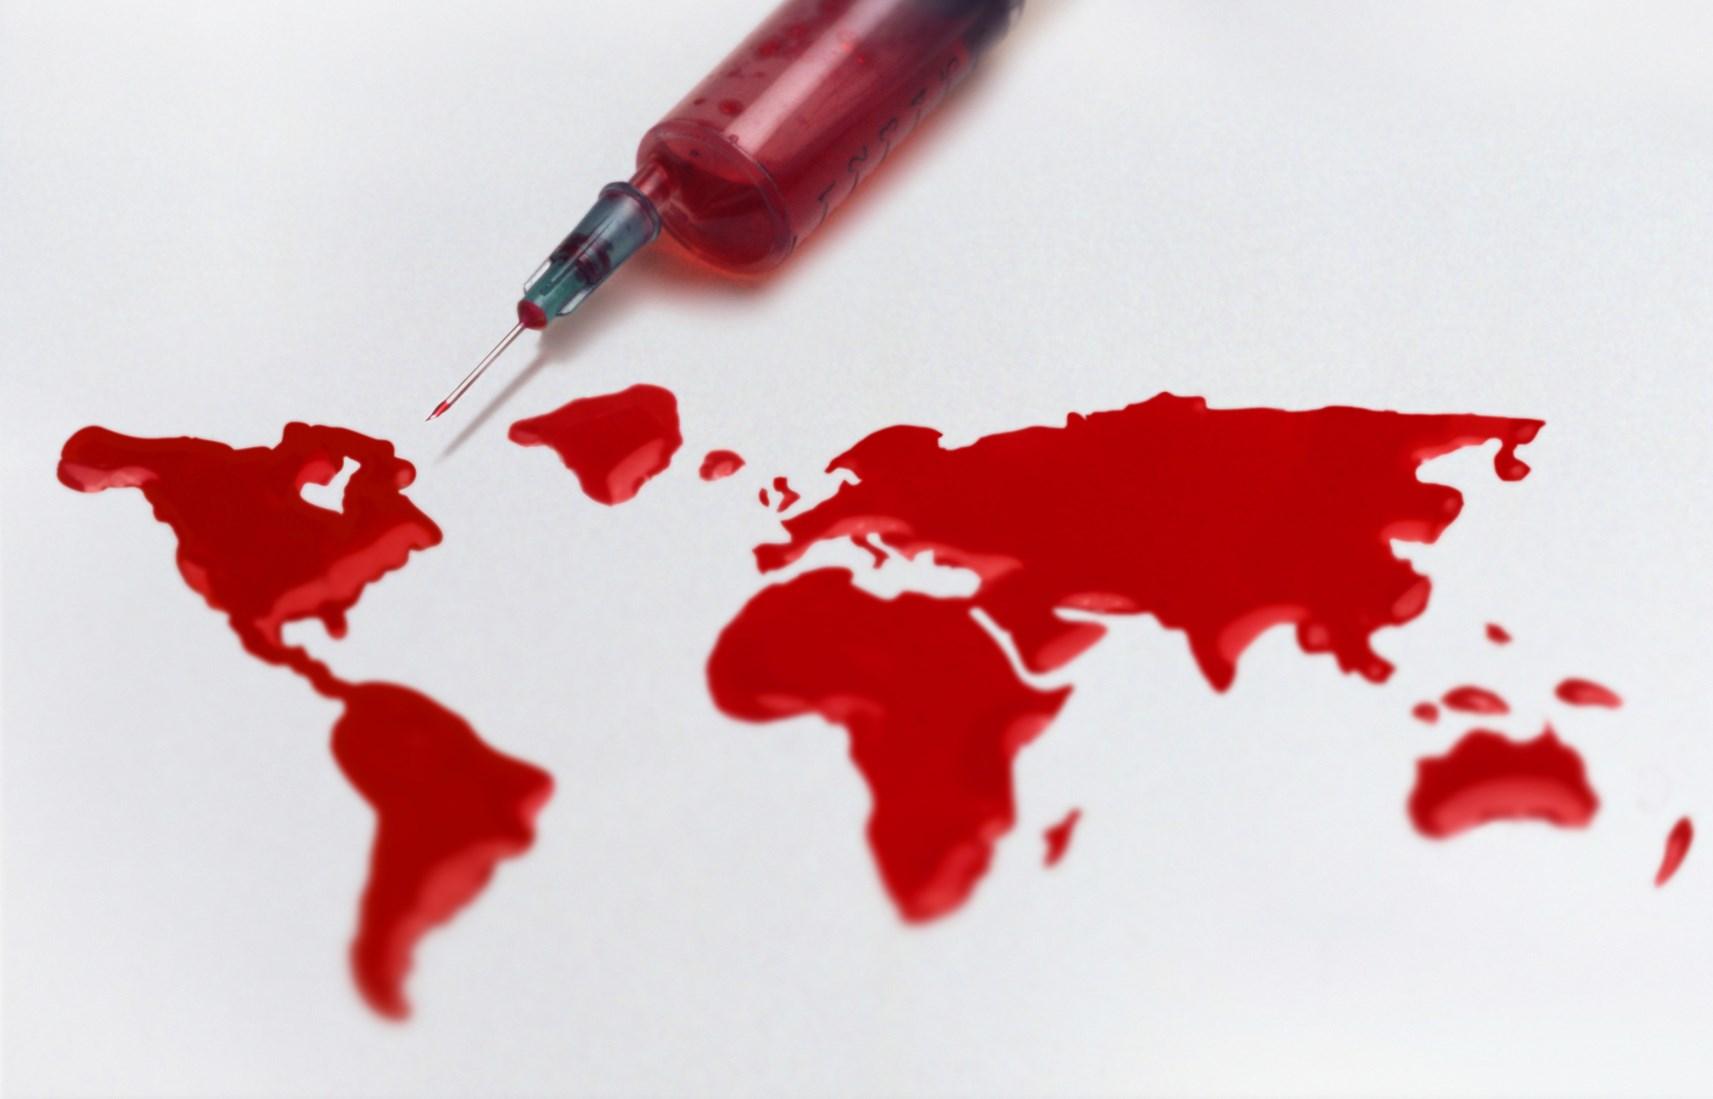 شاخ غول ترس از آزمایش ایدز را بشکنید